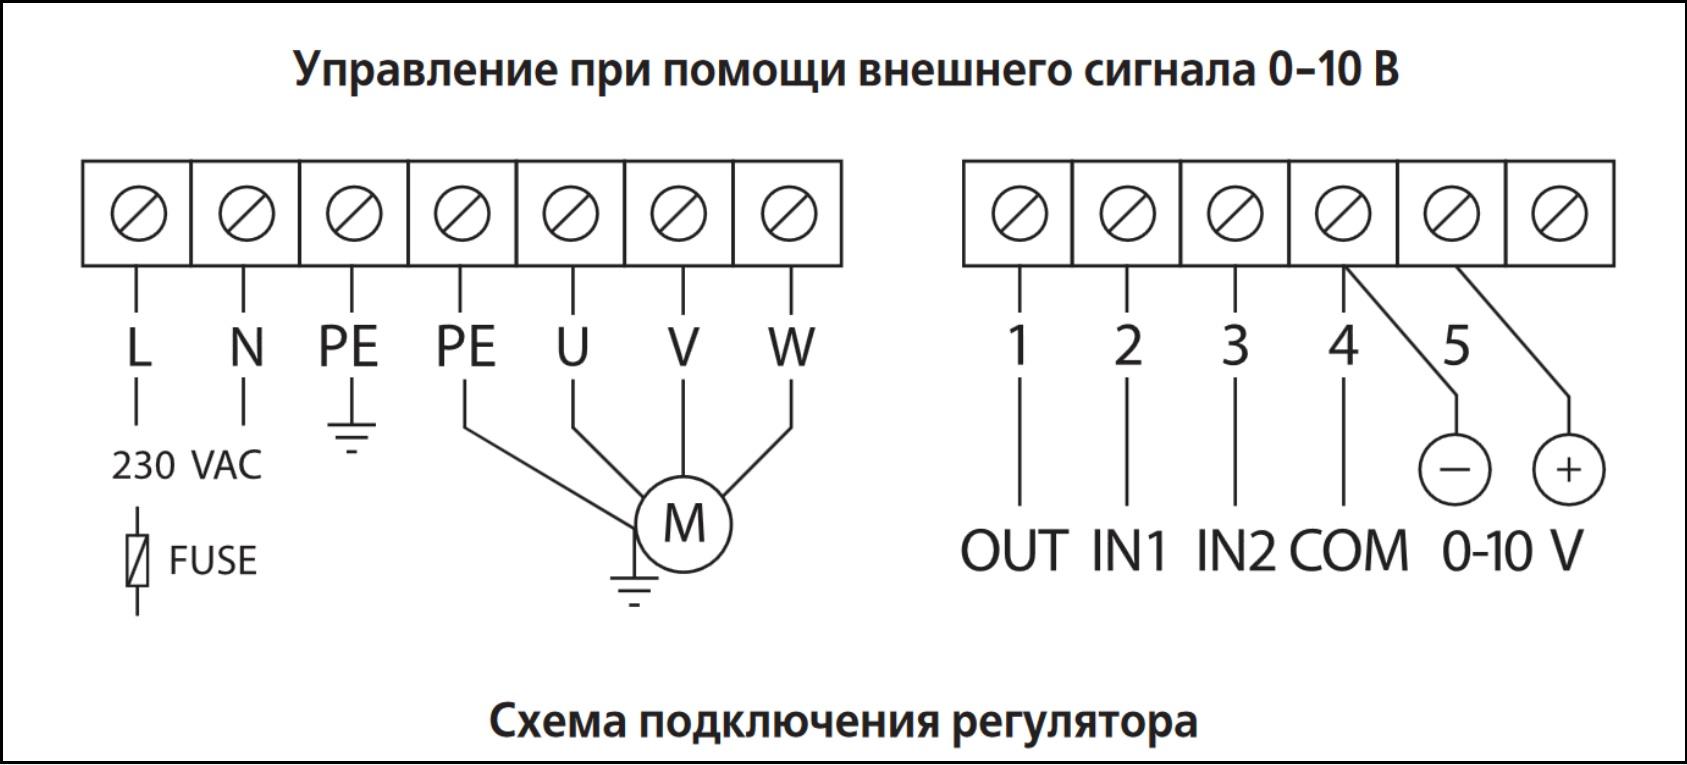 Схема подключения регулятора скорости airone